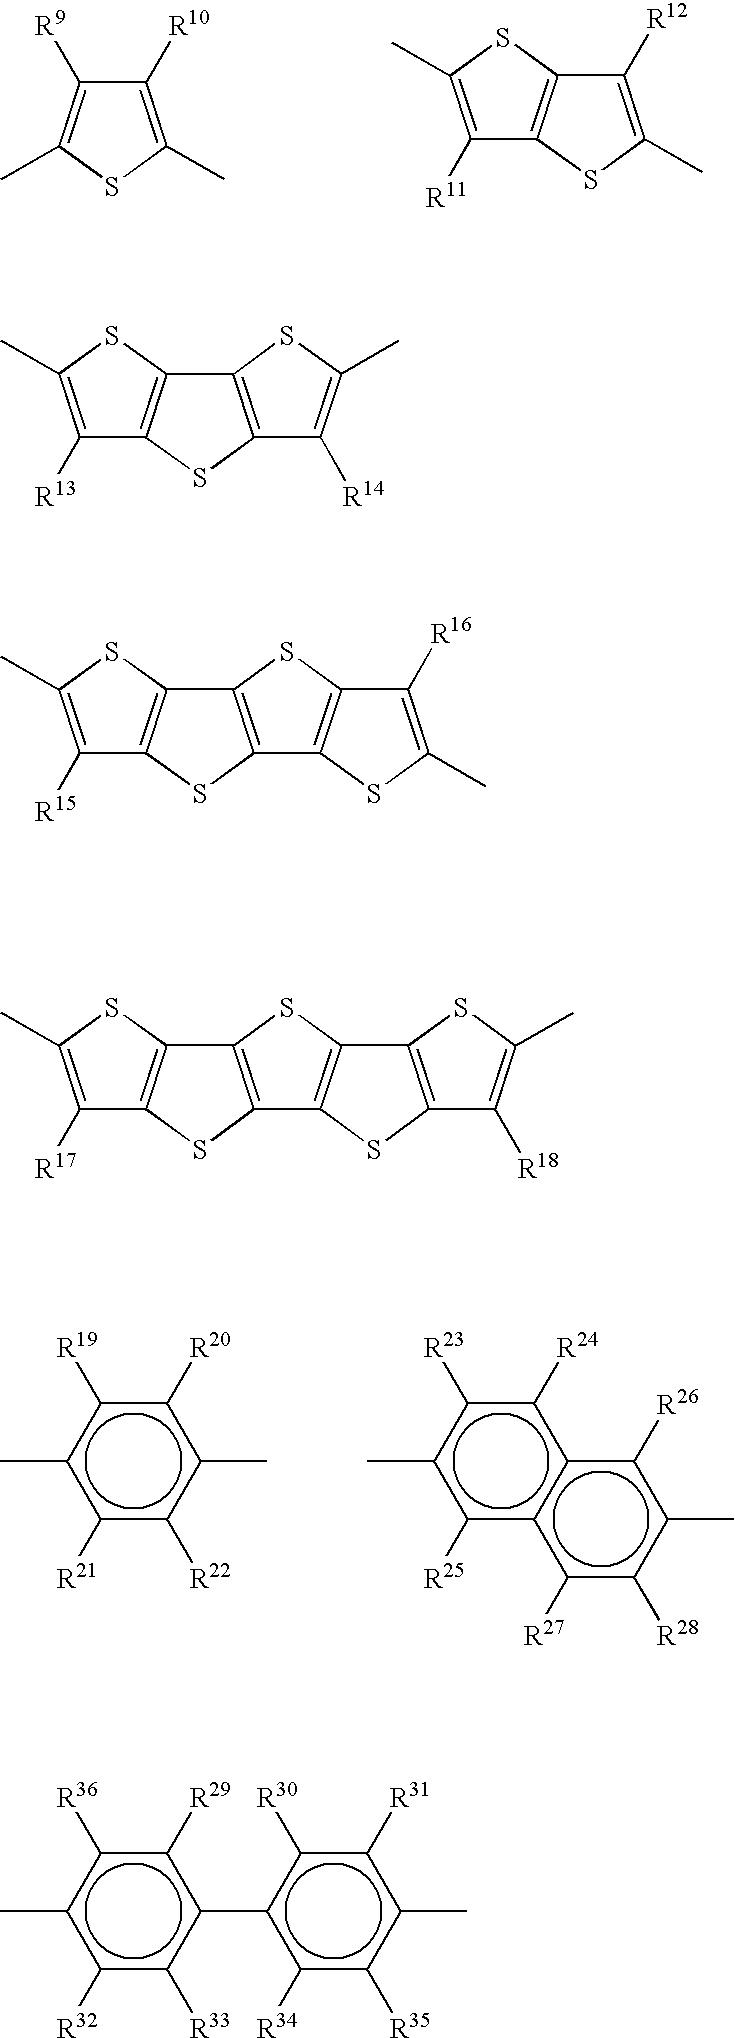 Figure US20050110384A1-20050526-C00003